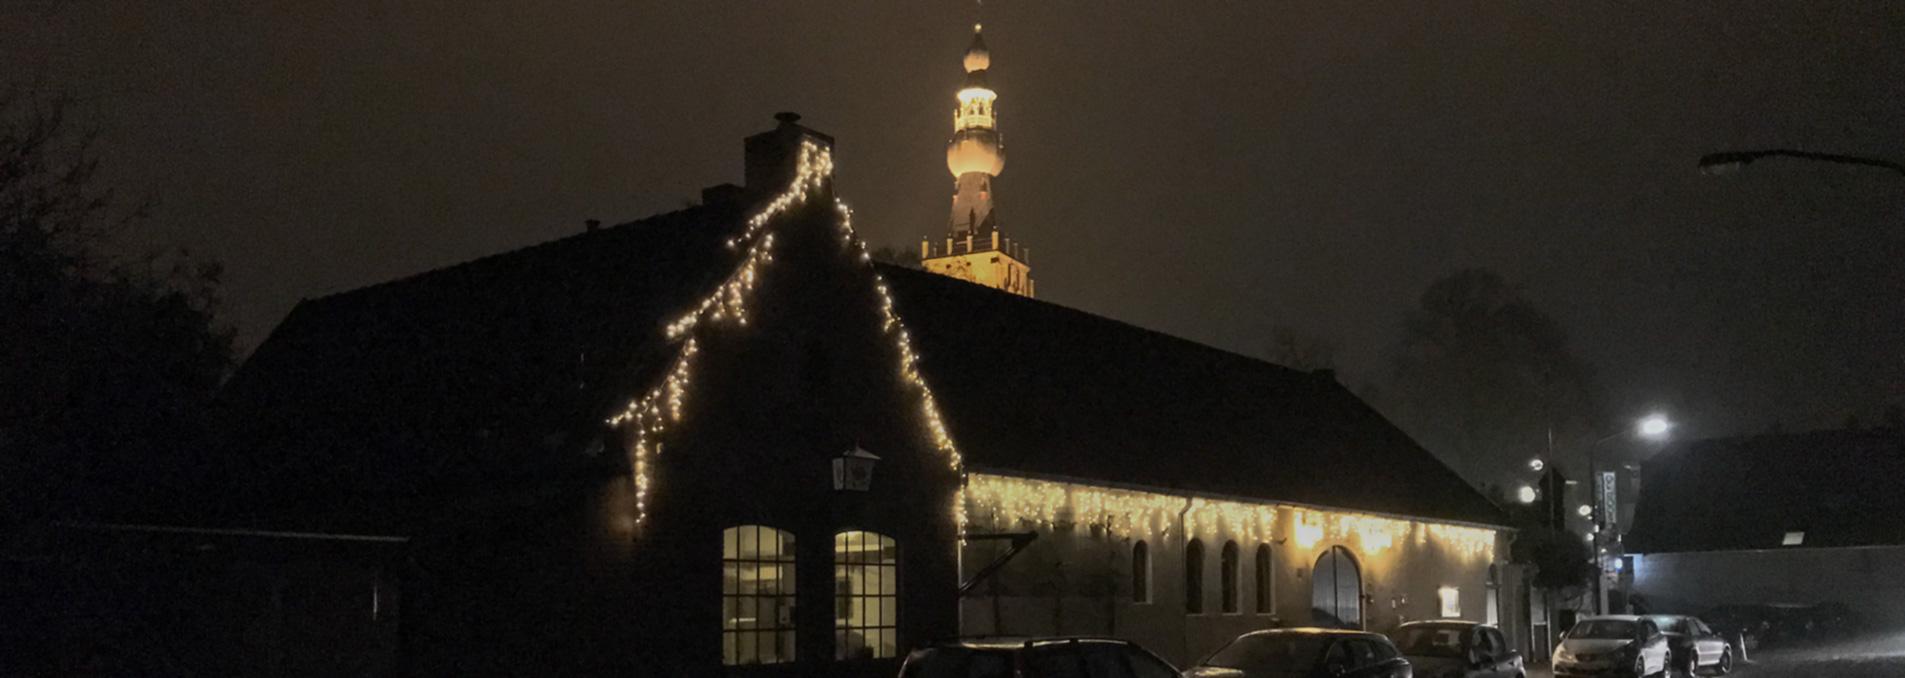 Bierbrouwerij De Roos wenst u een feestelijke winter!